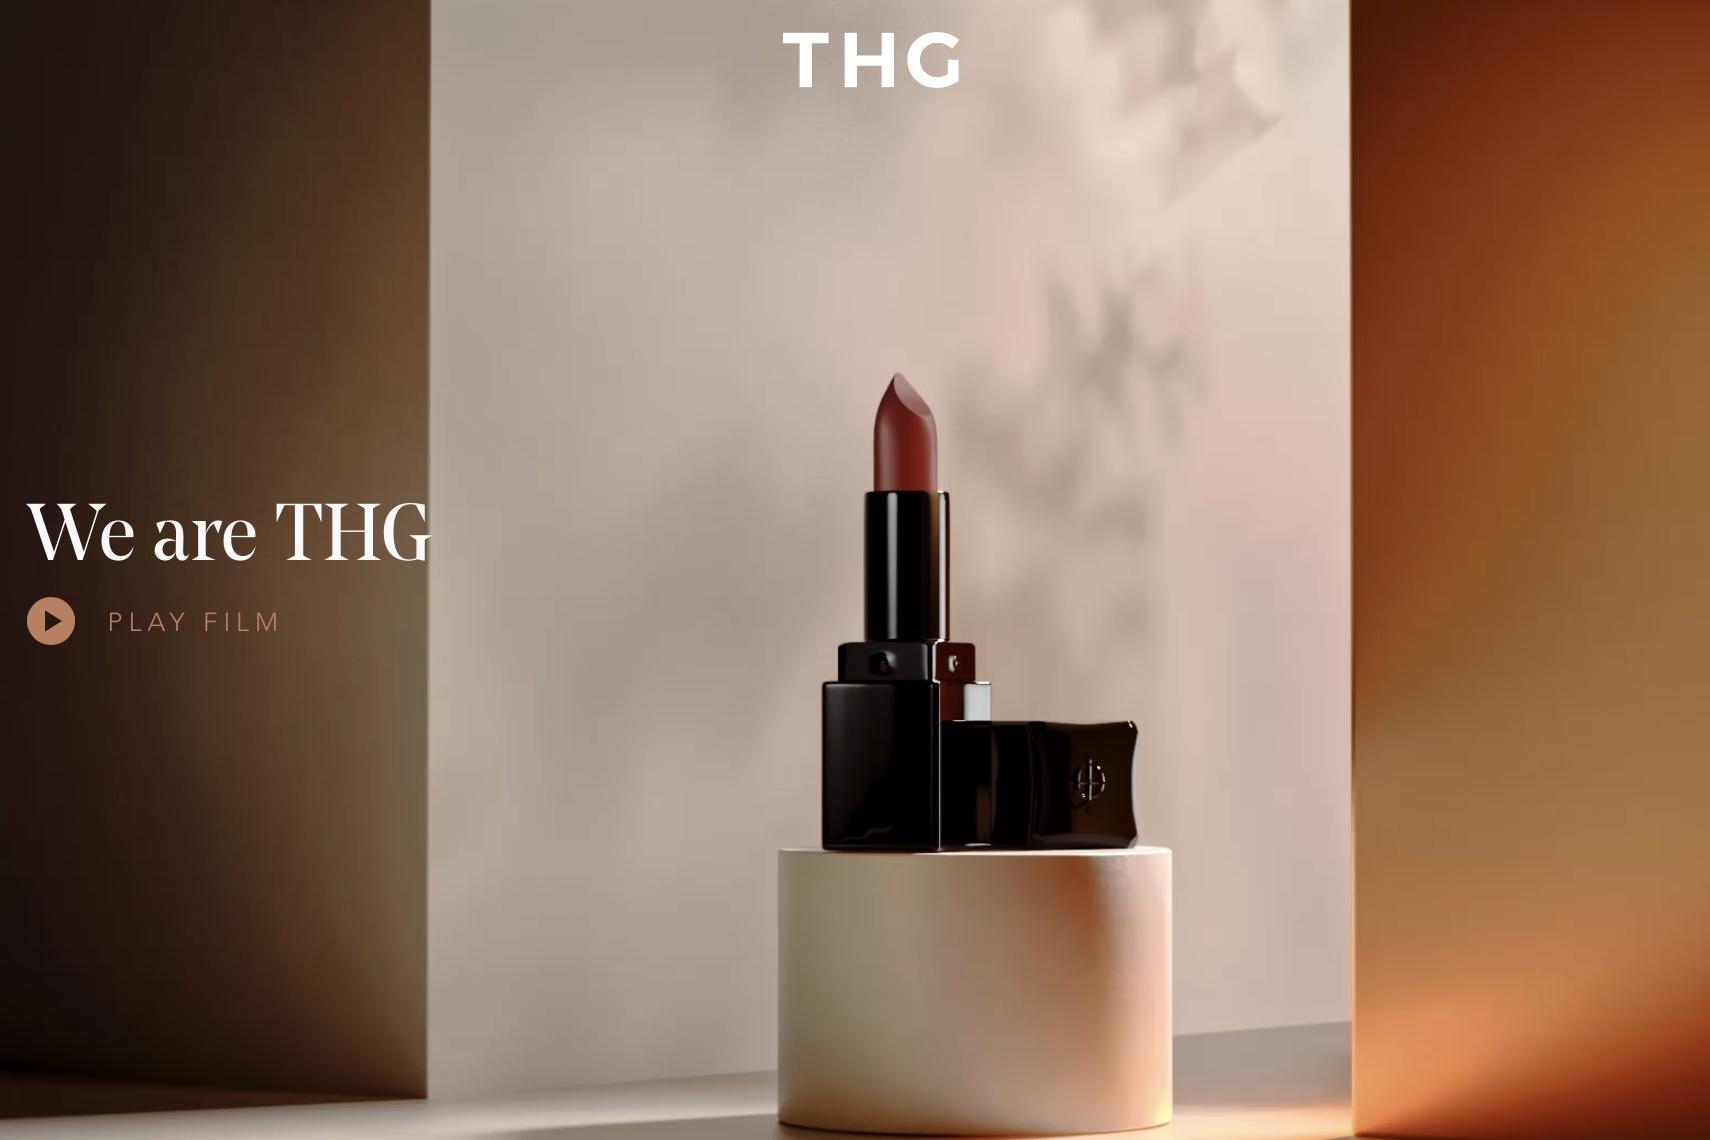 疫情下增长加速,英国美妆电商巨头 The Hut Group 筹备上市,估值达45亿英镑